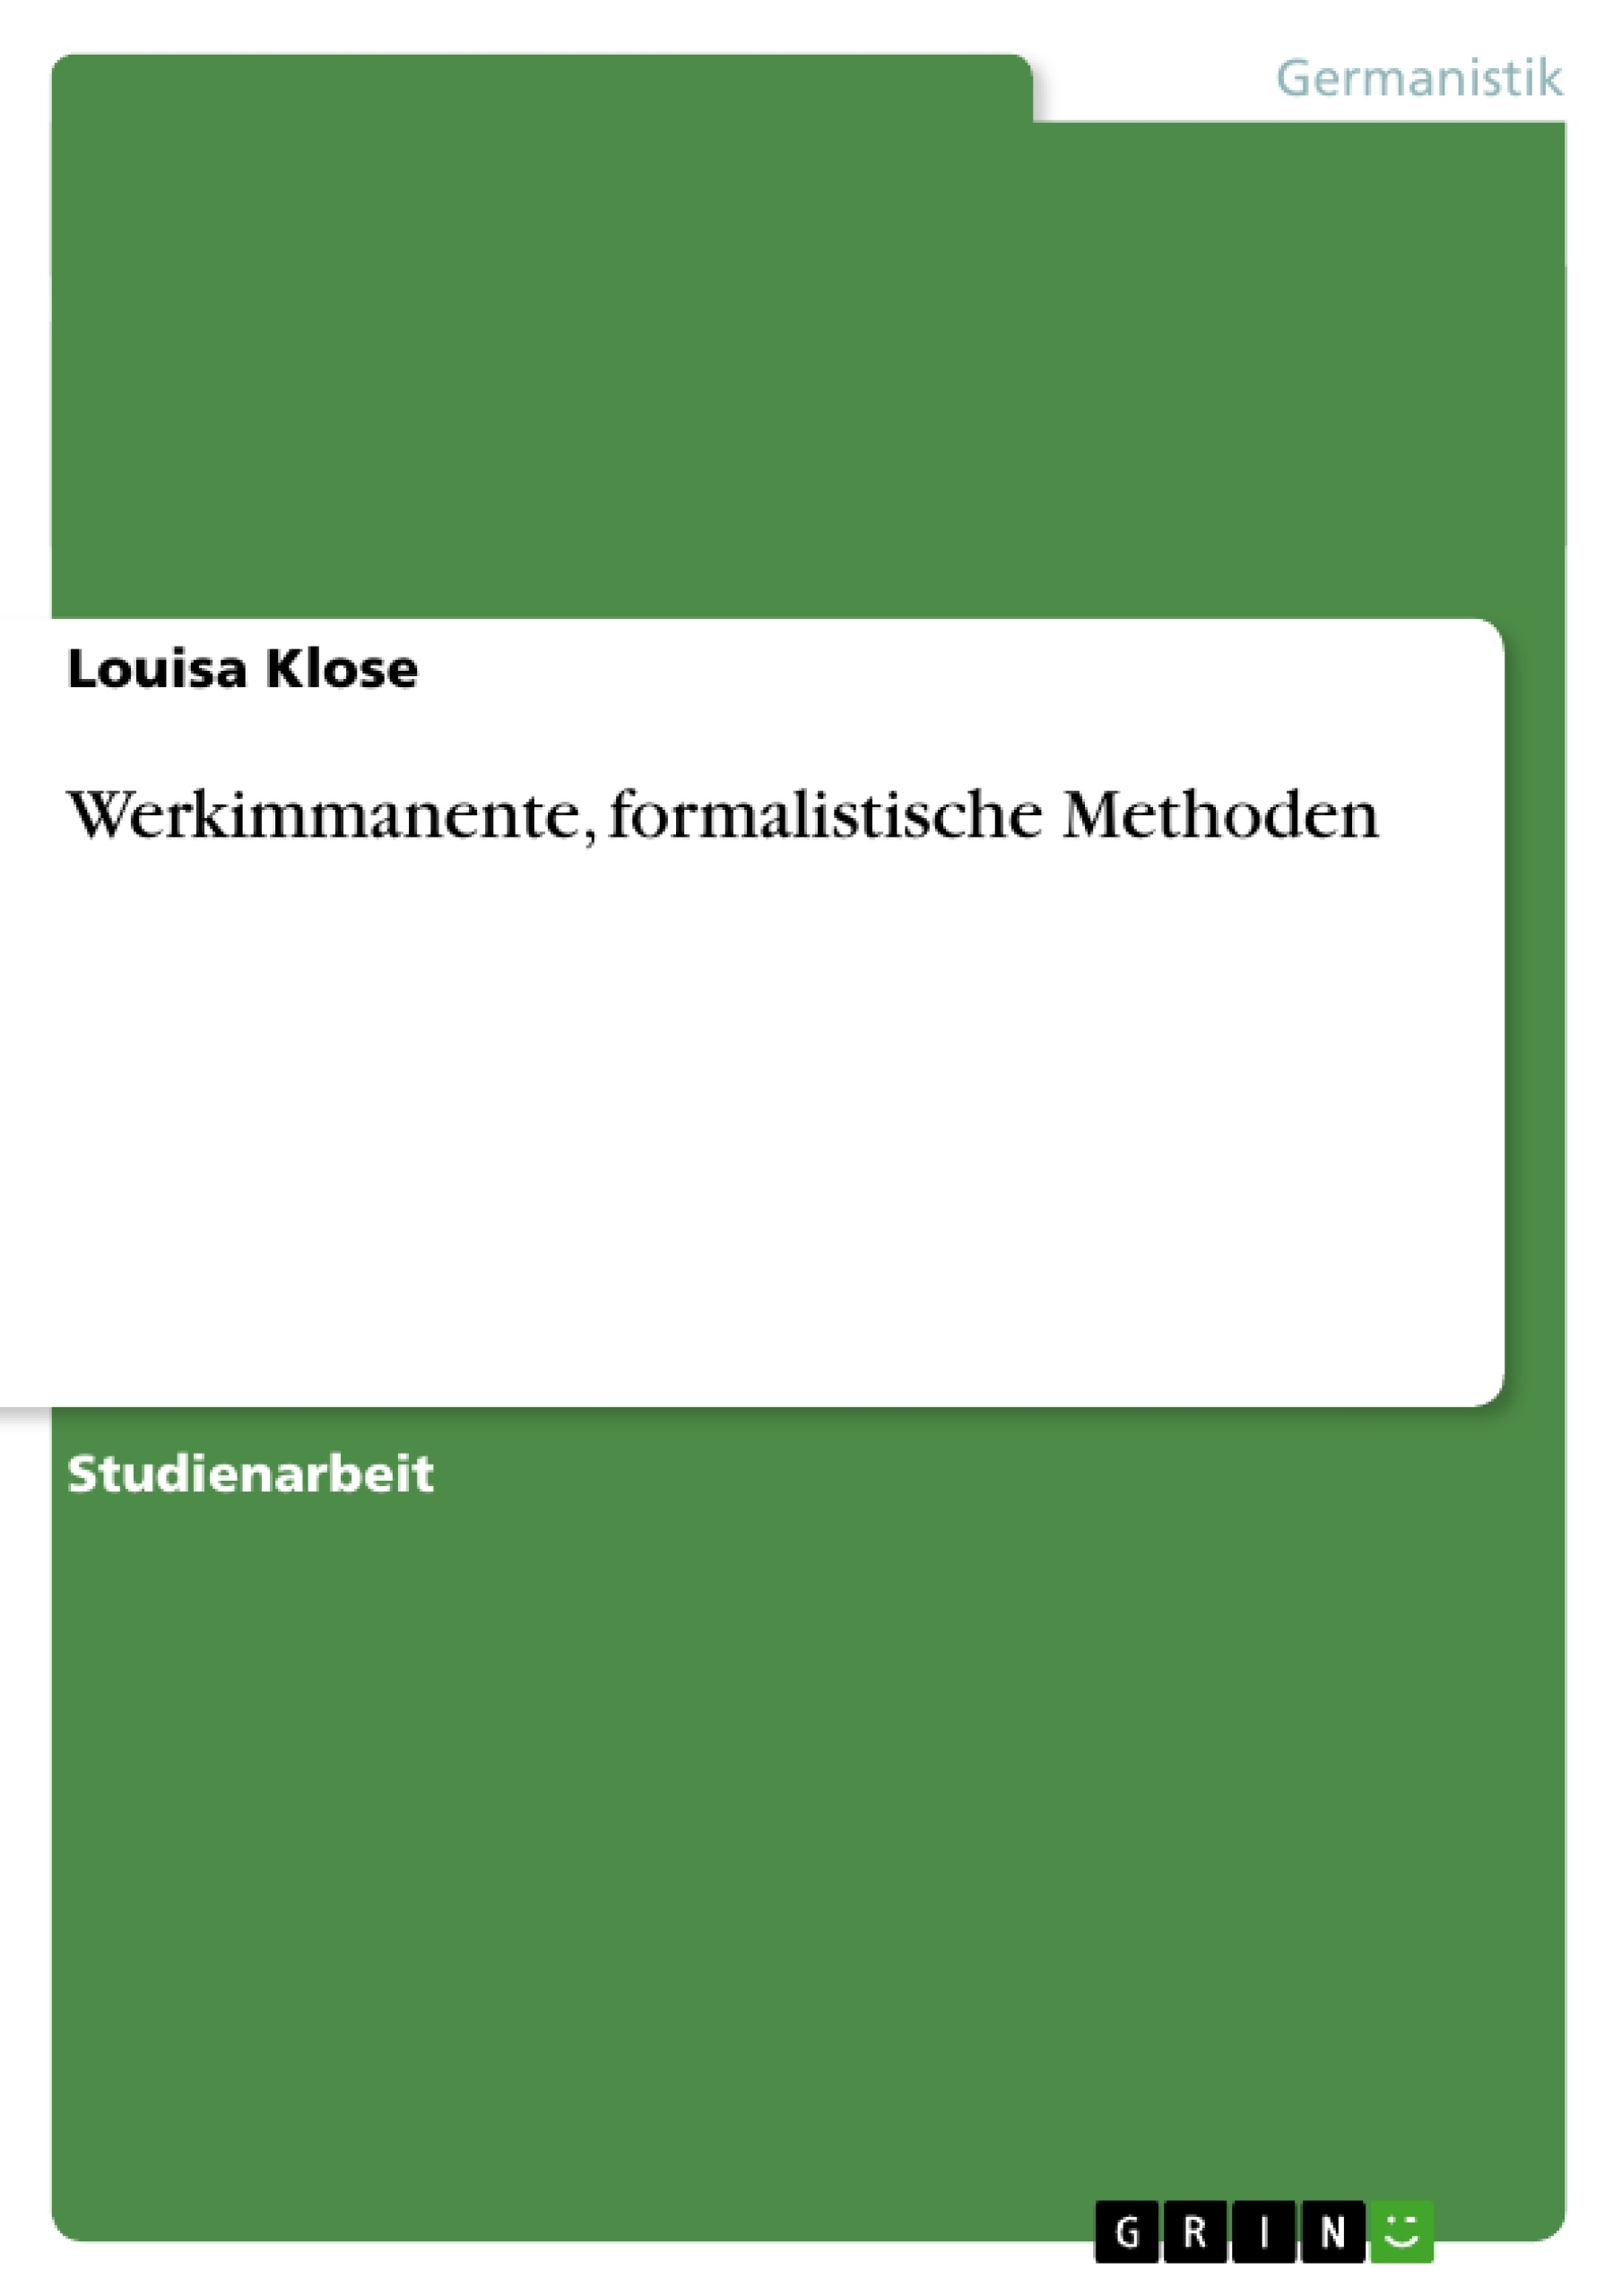 Titel: Werkimmanente, formalistische Methoden